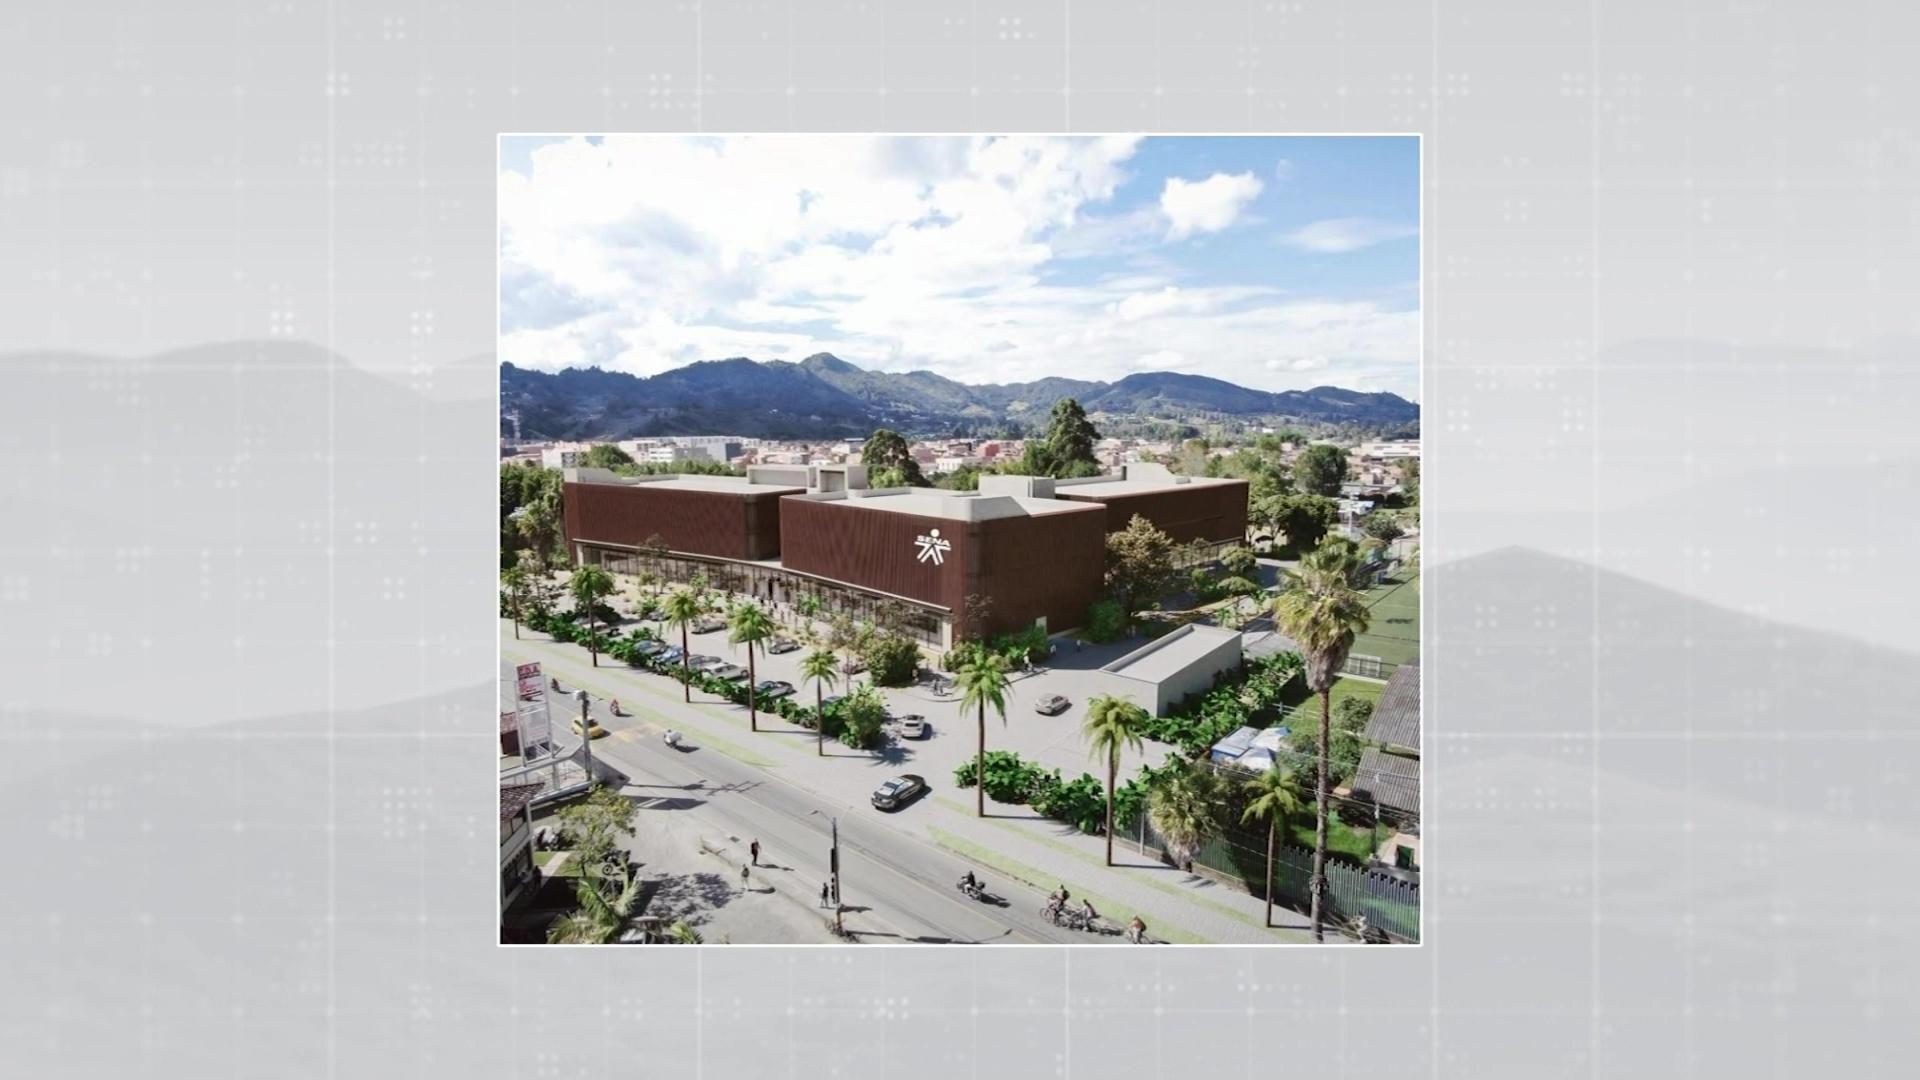 El SENA tendrá una sede en el municipio de La Ceja